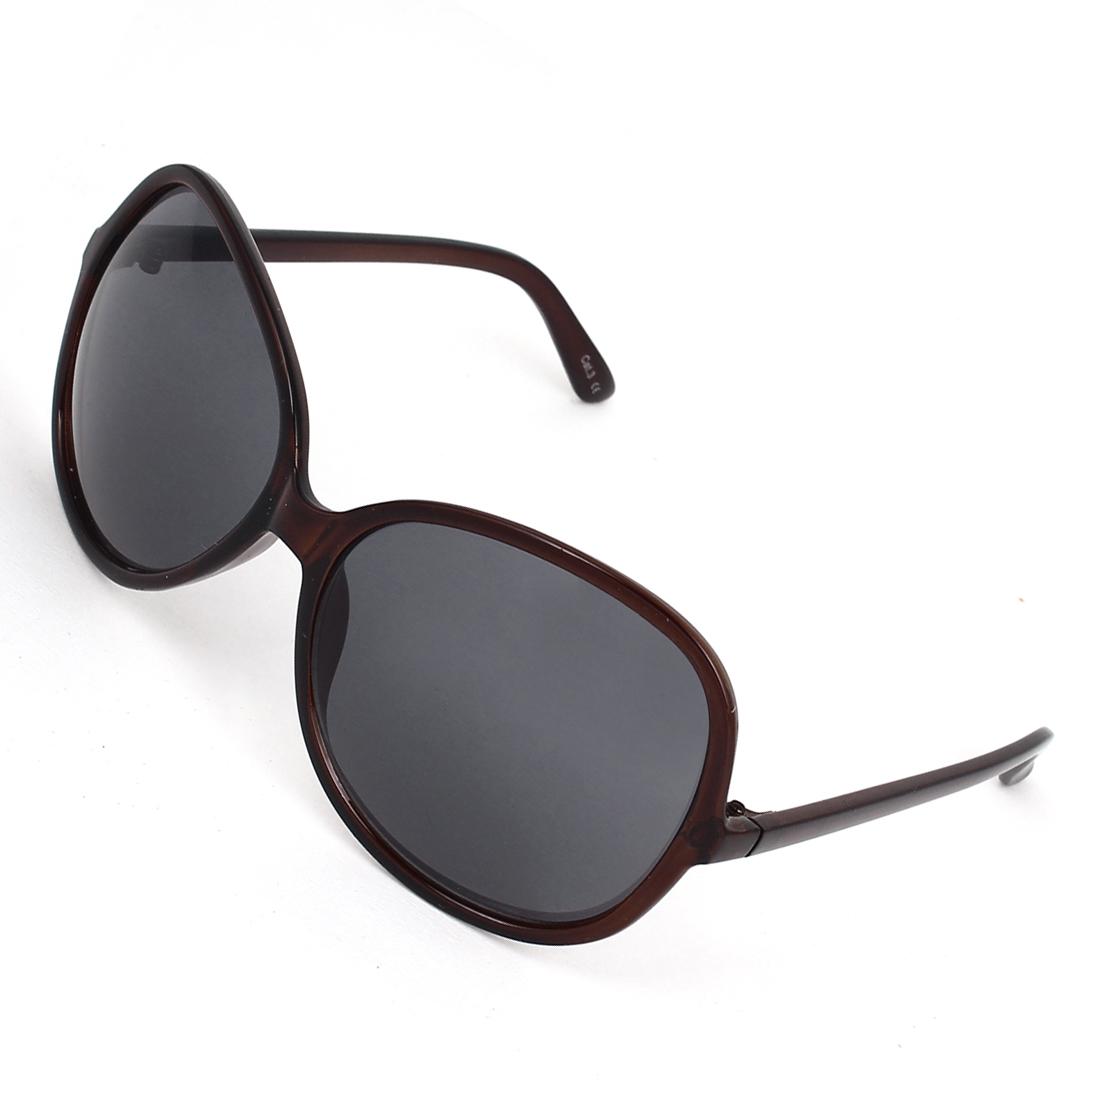 Lady Plastic Full Rim Single Bridge Water Drop Lens Sunglasses Dark Brown